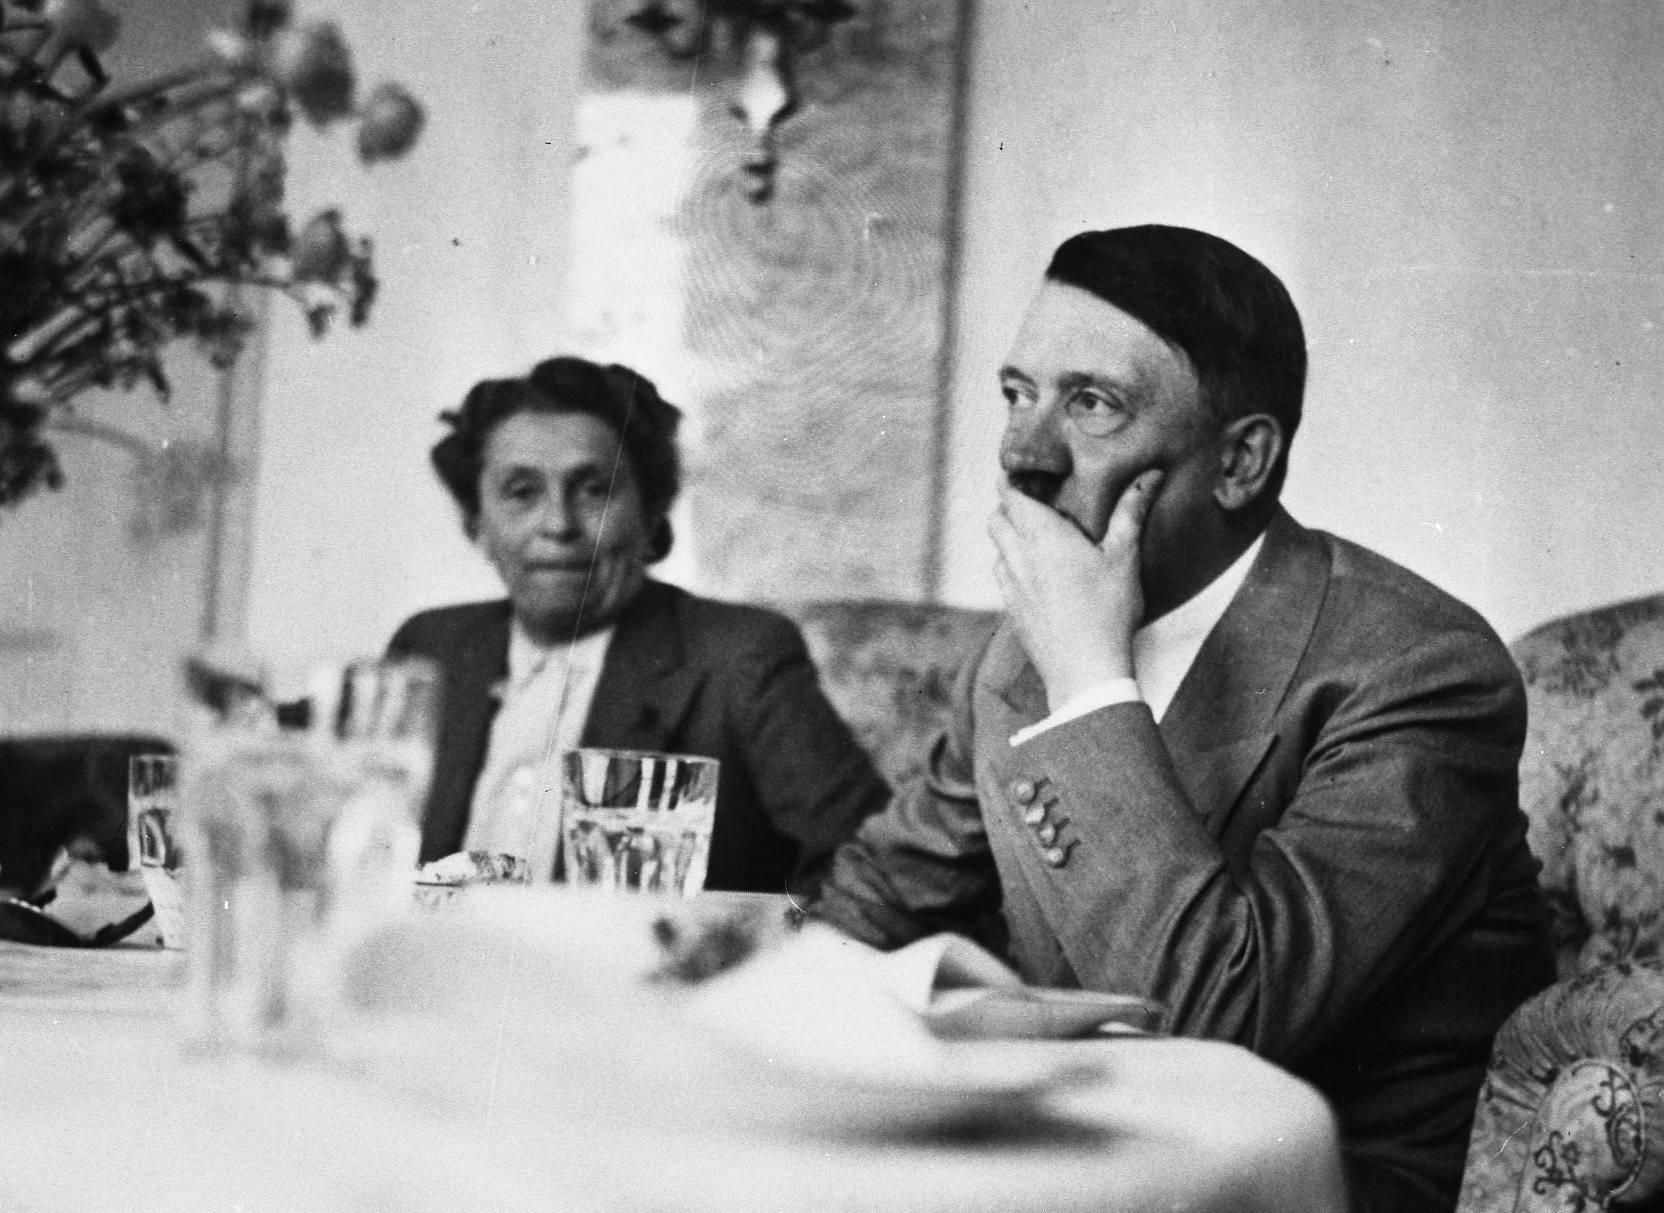 Doświadczenia erotyczne Hitlera, jego upodobania łóżkowe, ewentualne zaburzenia i perwersje otacza po dziś dzień aura tajemnicy.